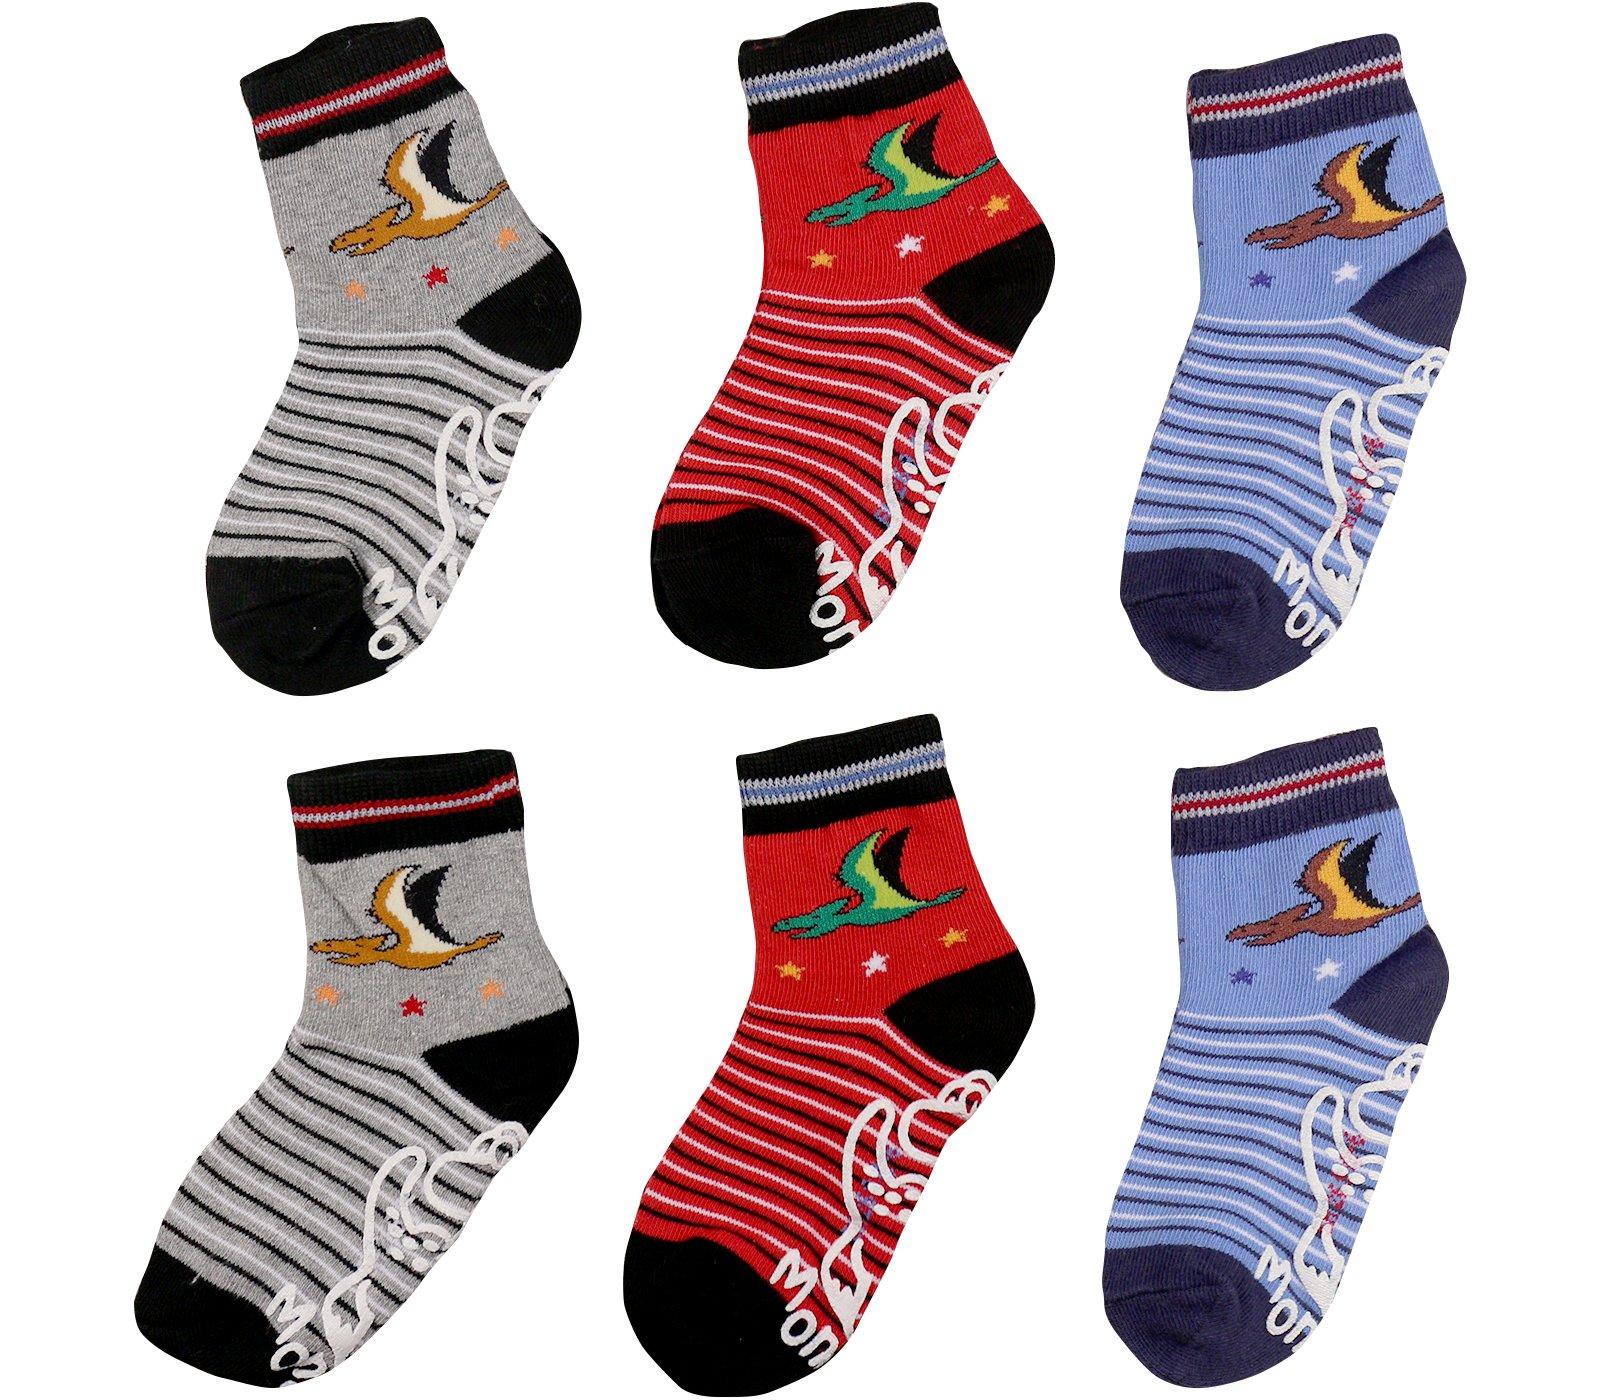 Nonskid socks for boys,kids,toddlers,Anti Slip Slippery Crew Socks with grips(6-pack)